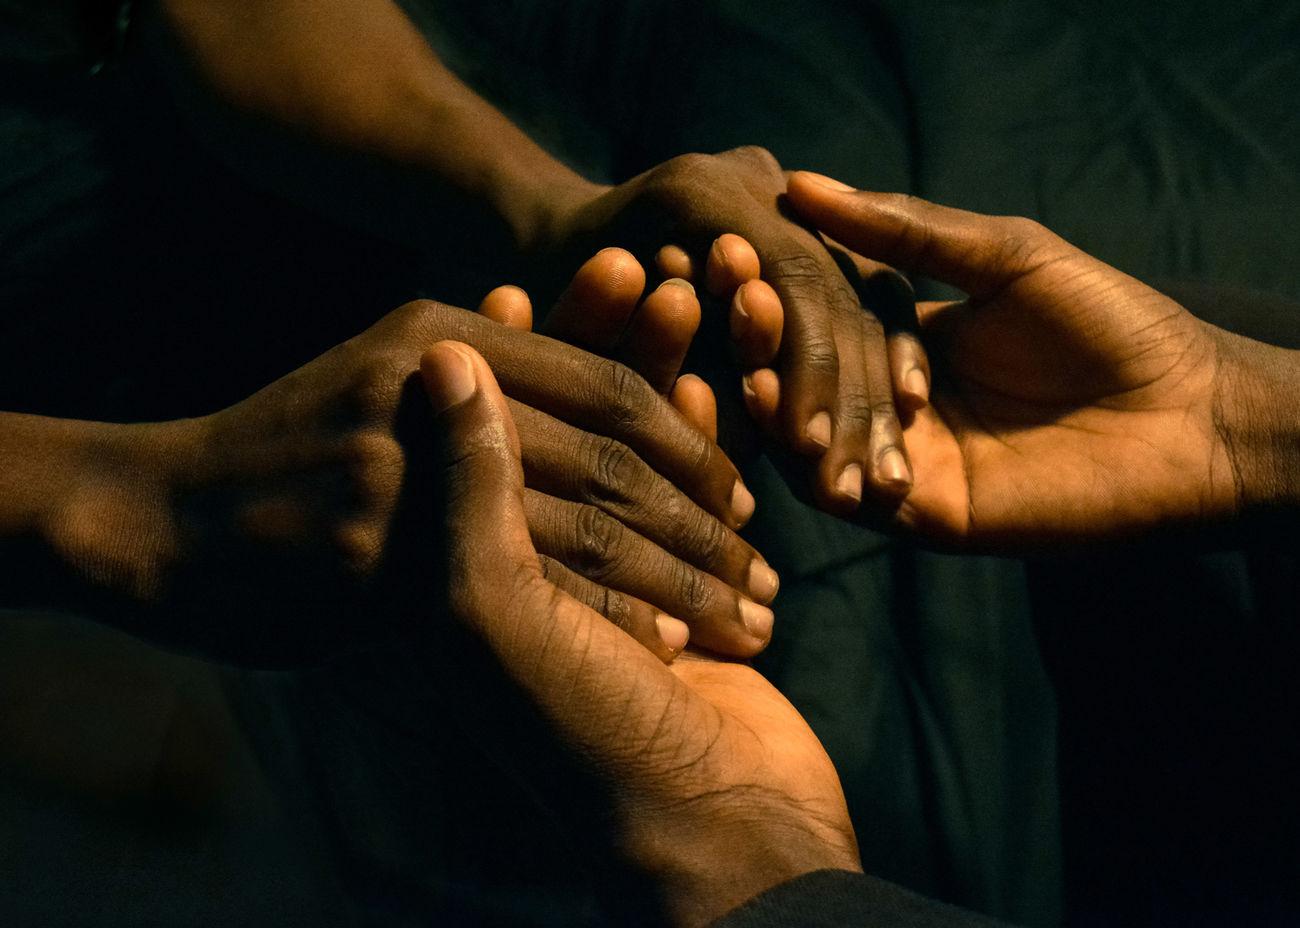 Hands Skin